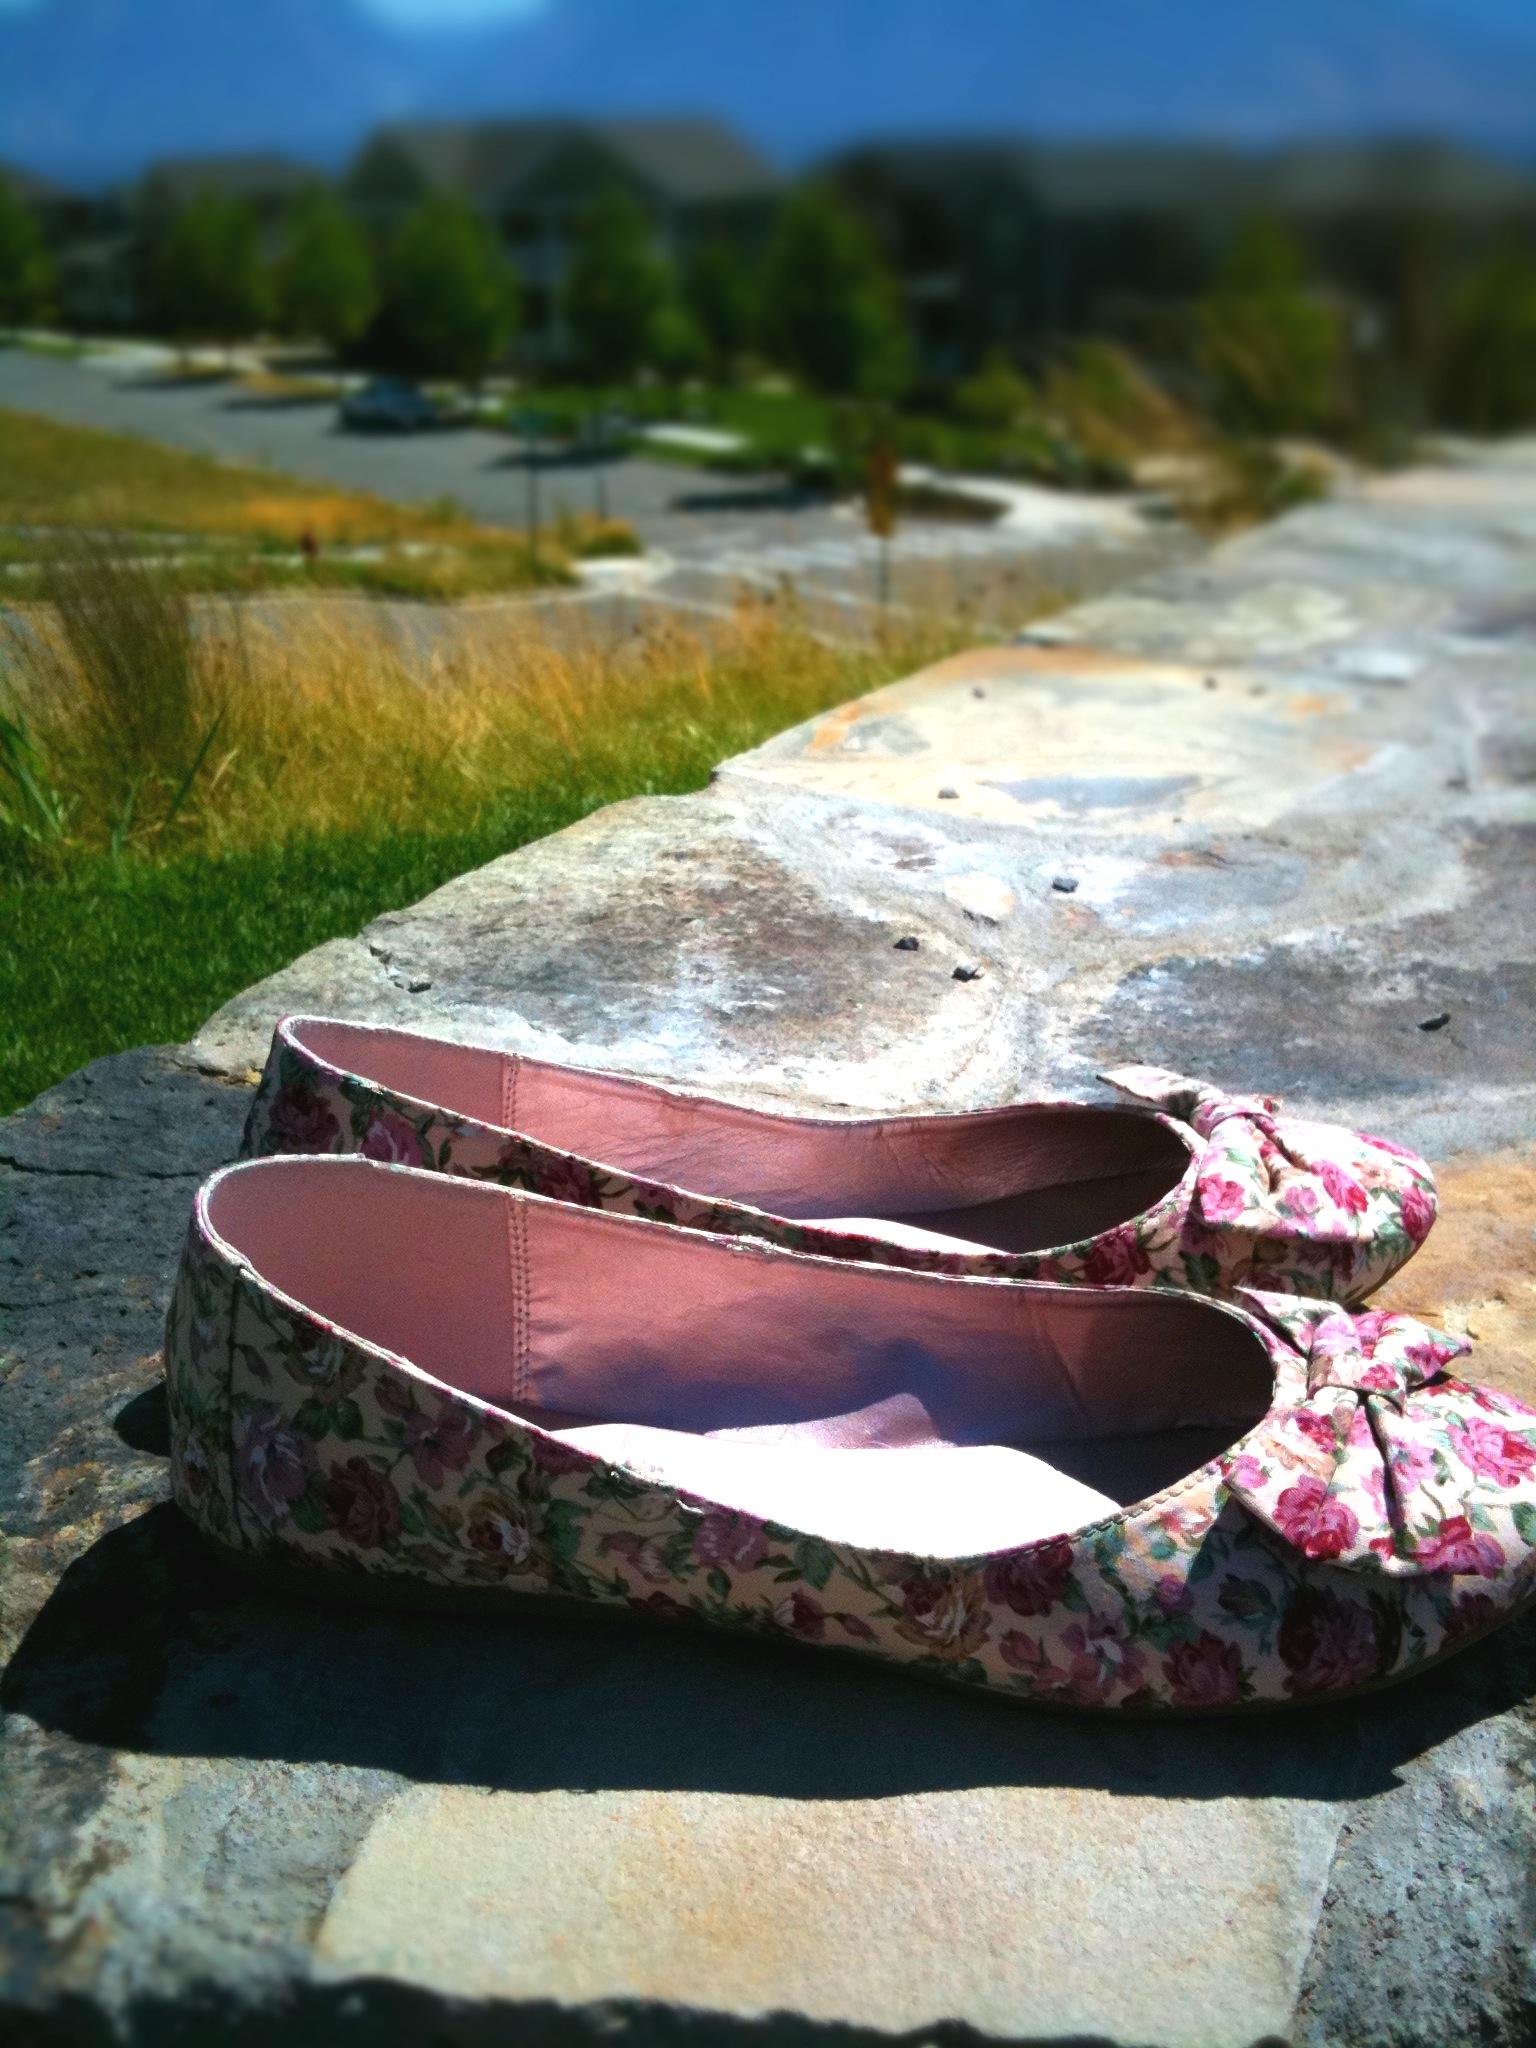 Pick Me! » Daybreak: The Abandoned Shoe Phenomena